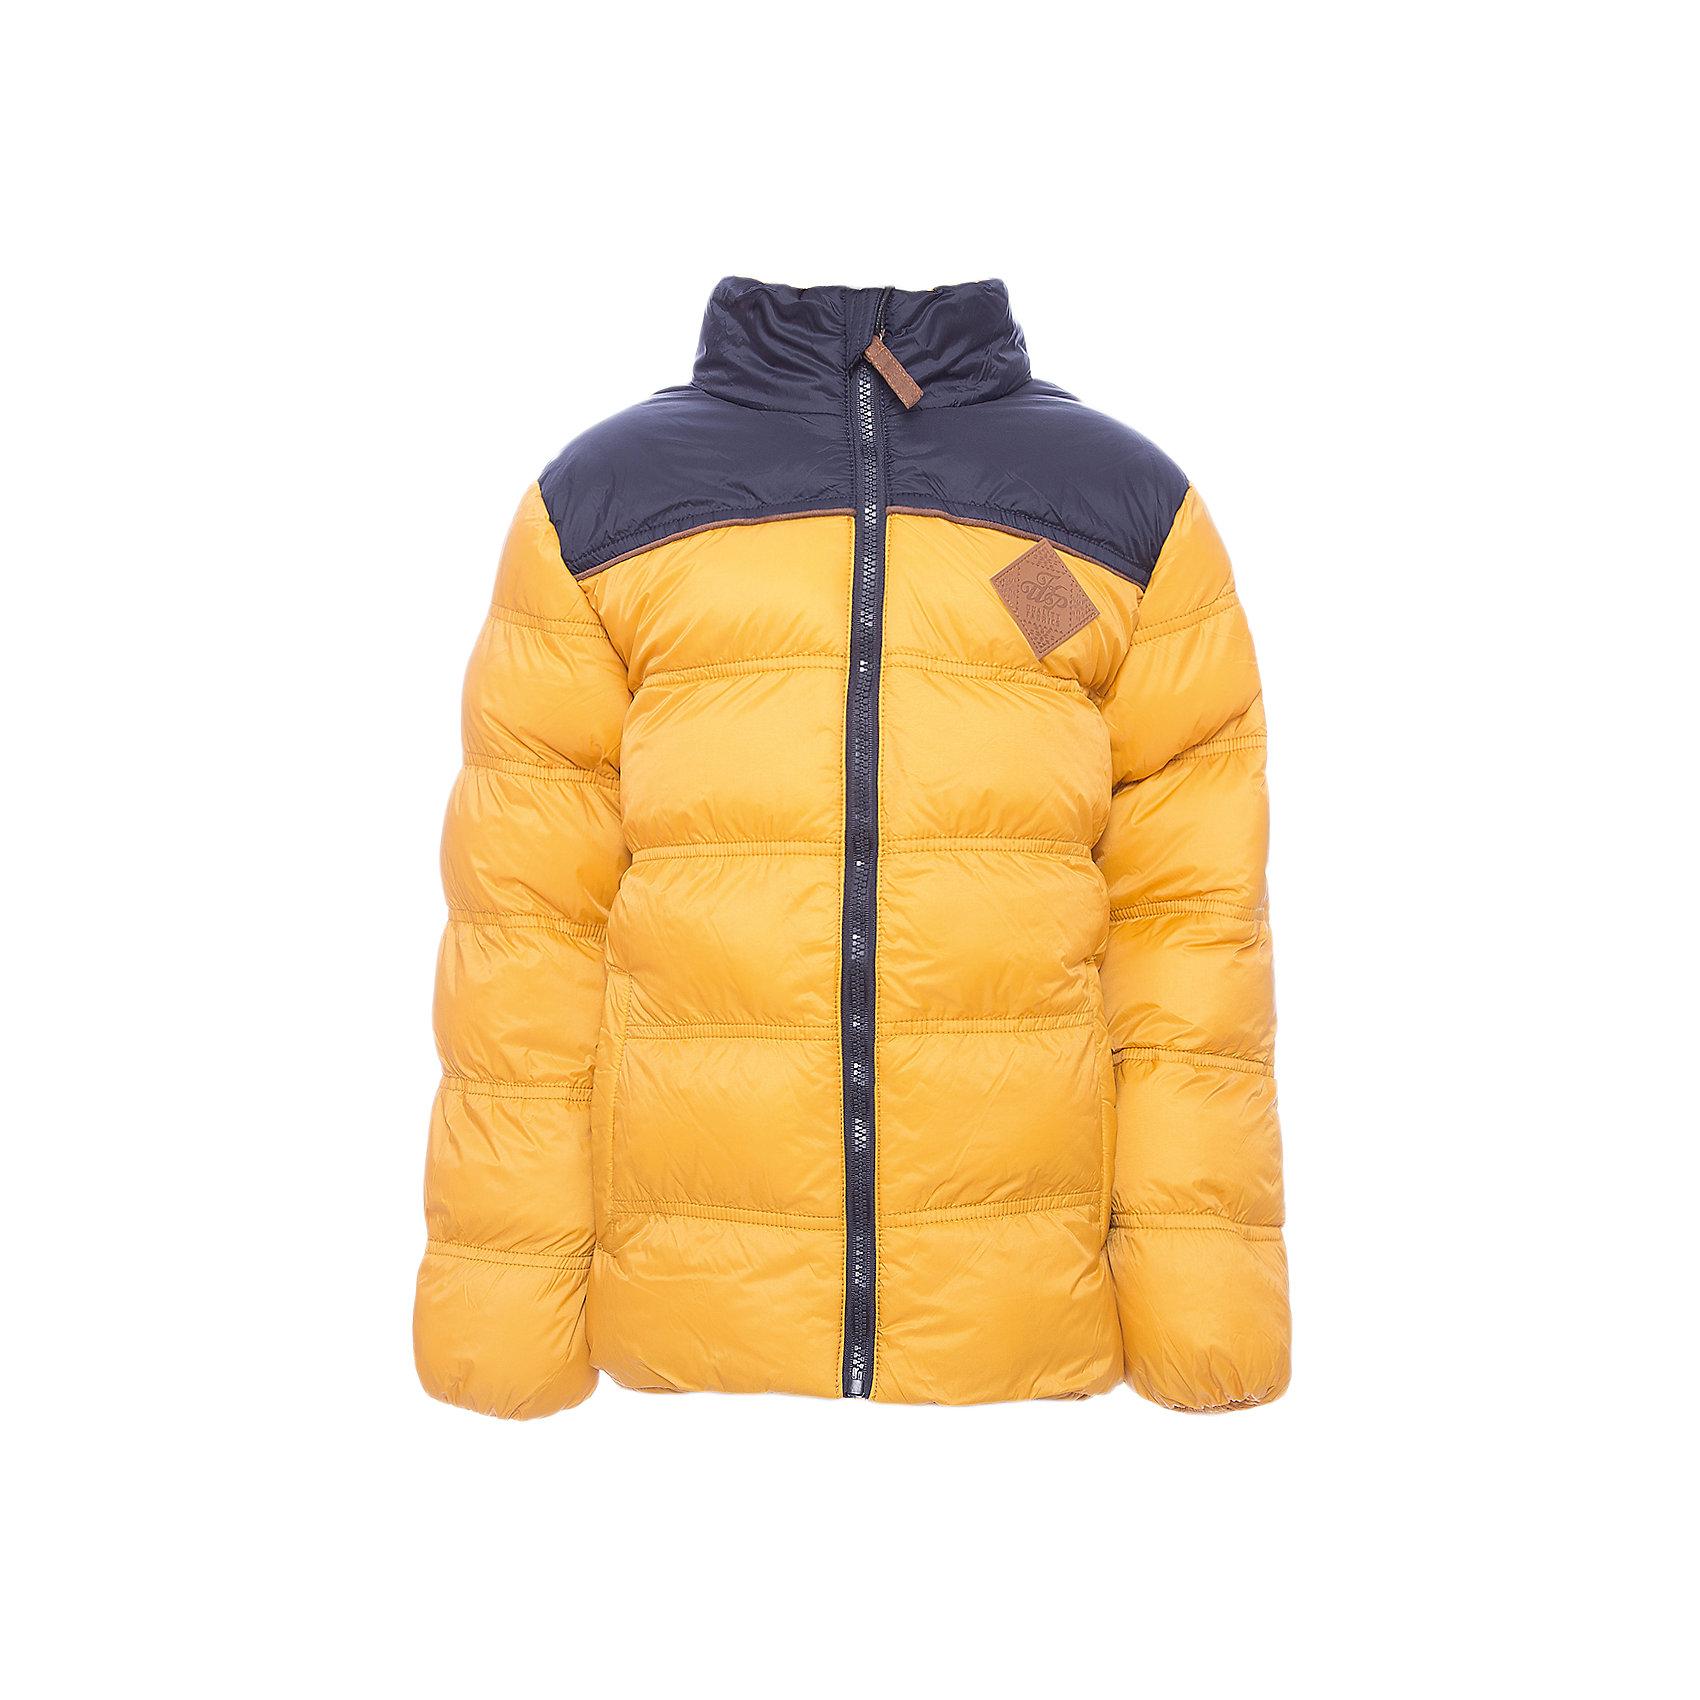 Куртка Luminoso для мальчикаВерхняя одежда<br>Куртка Luminoso для мальчика<br>Куртка для мальчиков утепленная, на флисовой подкладке, выполнена из ткани двух цветов, что отвечает последним тенденциям детской моды. Декорирована с<br>Состав:<br>Верх: 100% нейлон, Подкладка: 100% полиэстер,        Наполнитель: 100% полиэстер<br><br>Ширина мм: 356<br>Глубина мм: 10<br>Высота мм: 245<br>Вес г: 519<br>Цвет: желтый<br>Возраст от месяцев: 96<br>Возраст до месяцев: 108<br>Пол: Мужской<br>Возраст: Детский<br>Размер: 134,164,158,152,146,140<br>SKU: 7095284